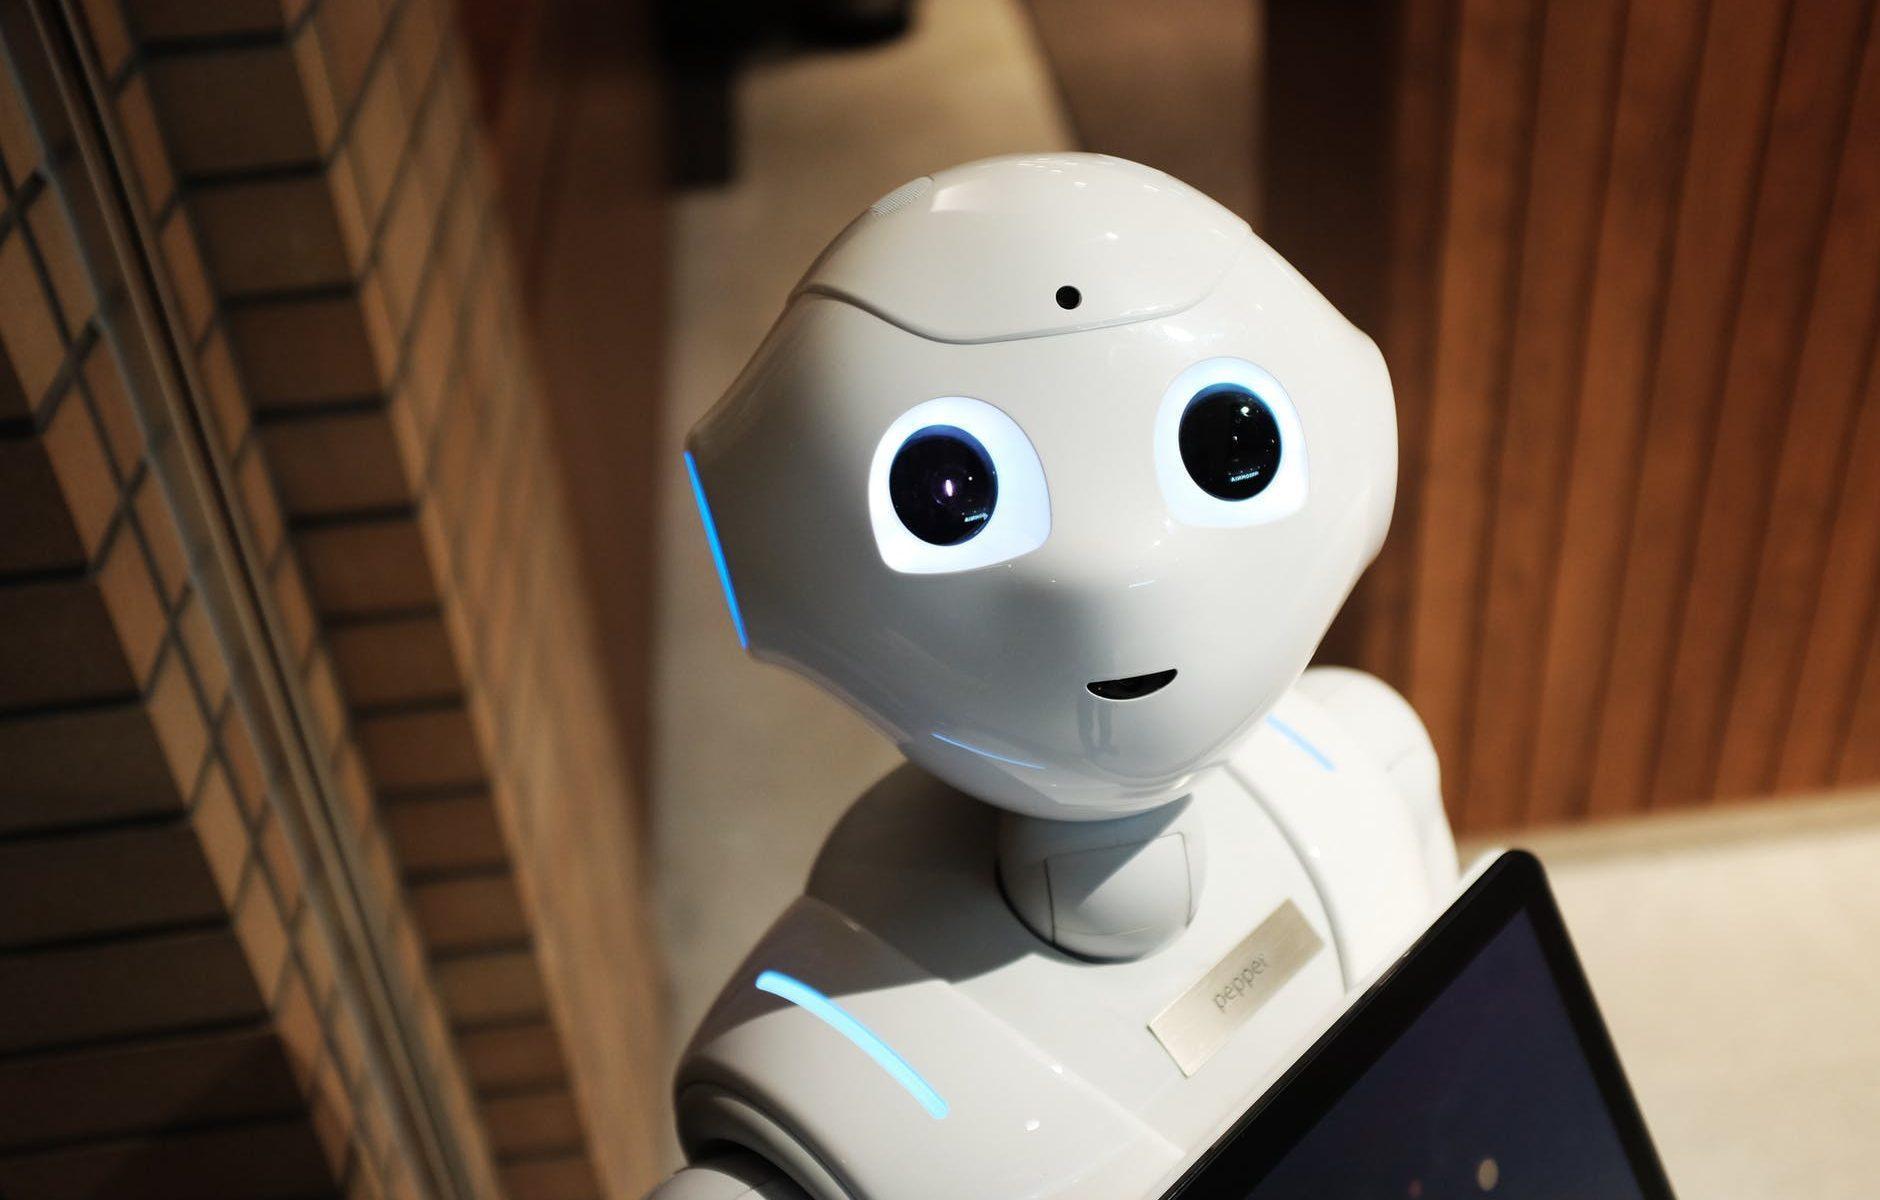 camerieri sfruttati come robot